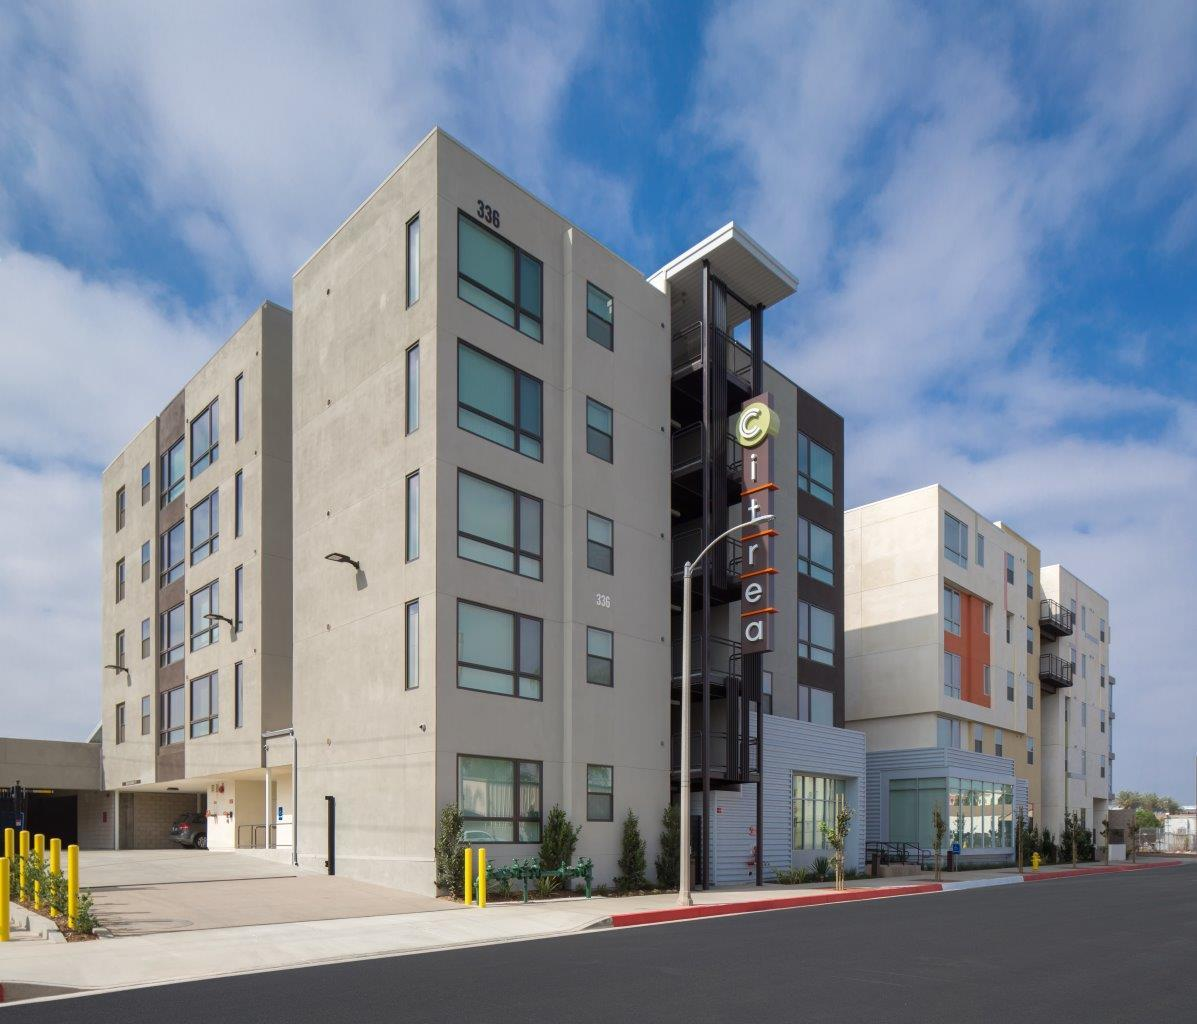 Citrea Apartments Exterior_1_mod